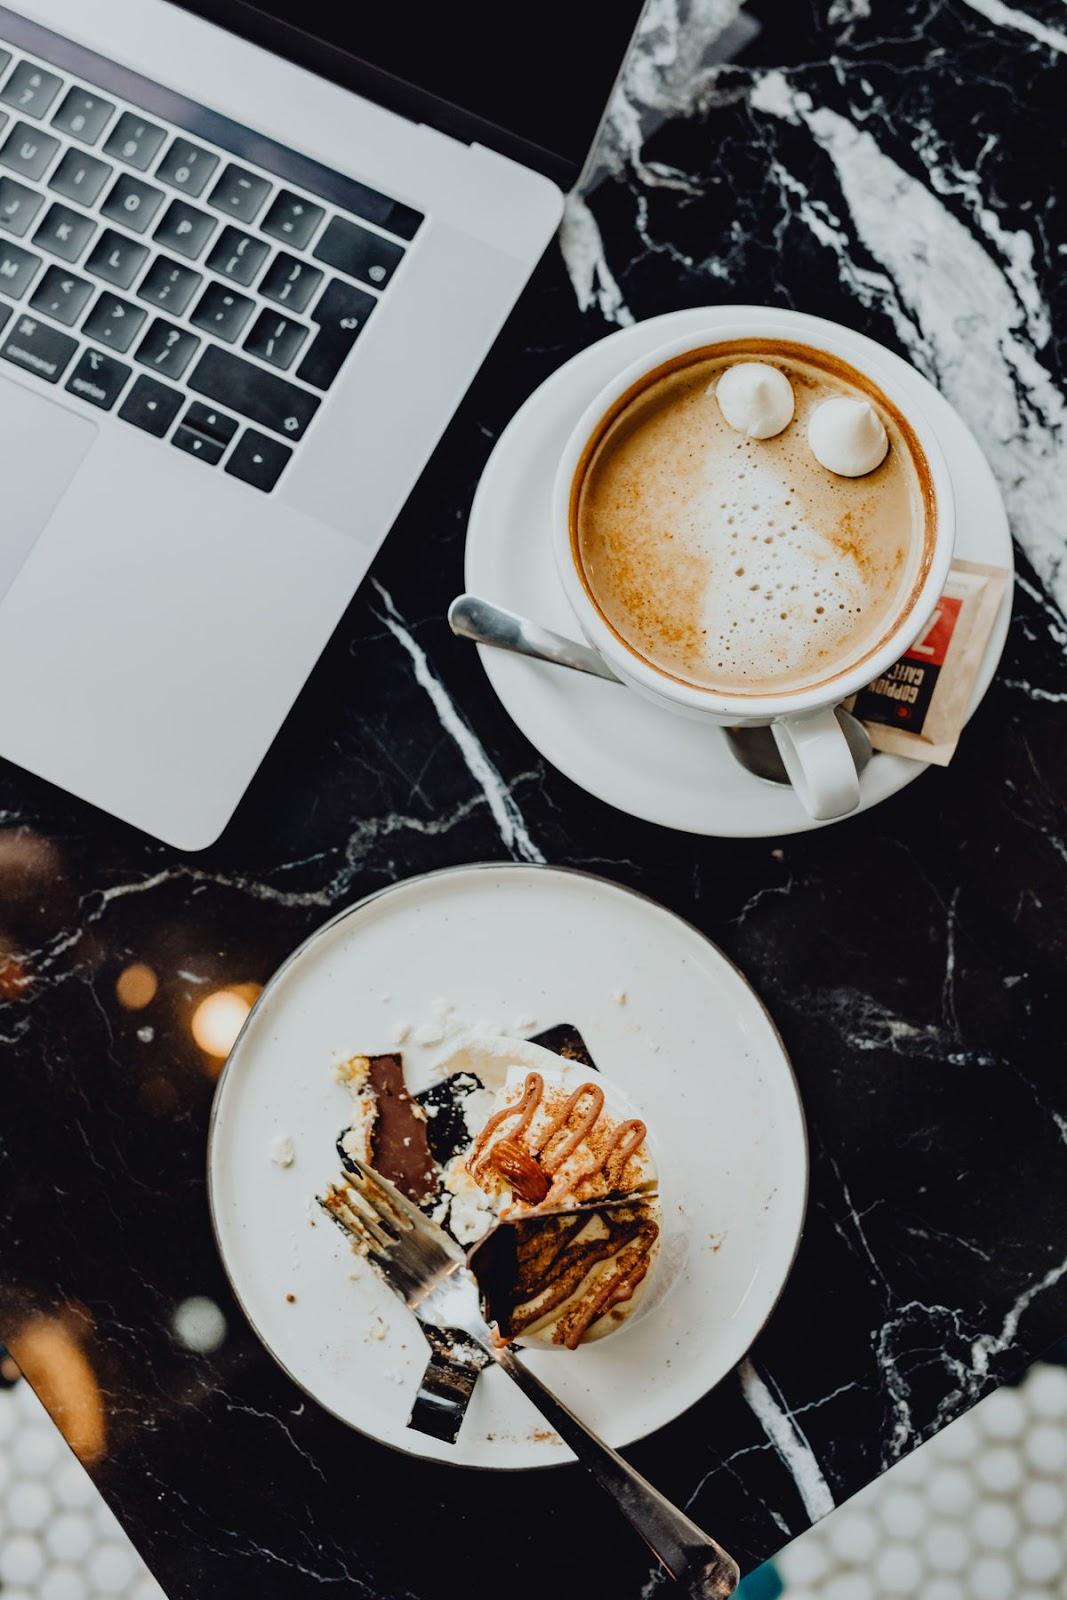 Styczeń okiem freelancera, czyli kilka słów o tym, że początek nie zawsze jest taki straszny.